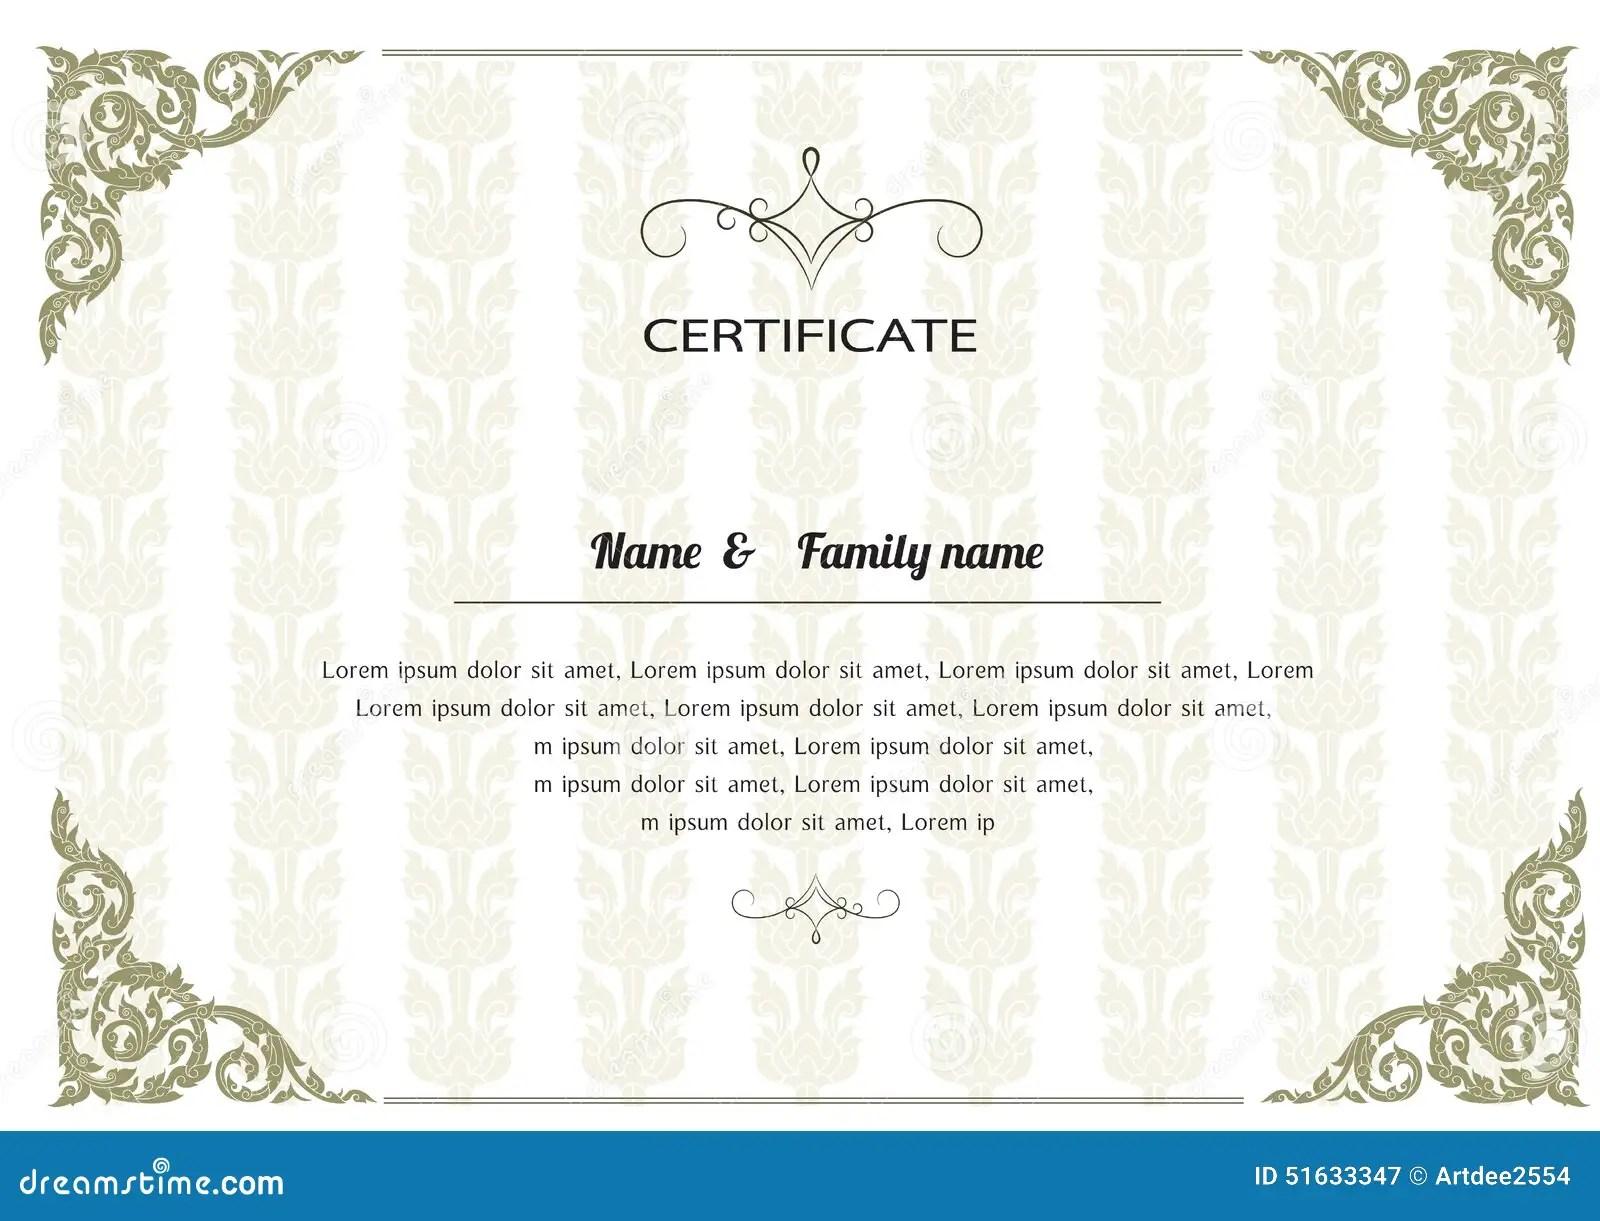 certificate template design cover letter template for resume certificate template design gift certificate templates to make your own certificates thai elegant art frame certificate